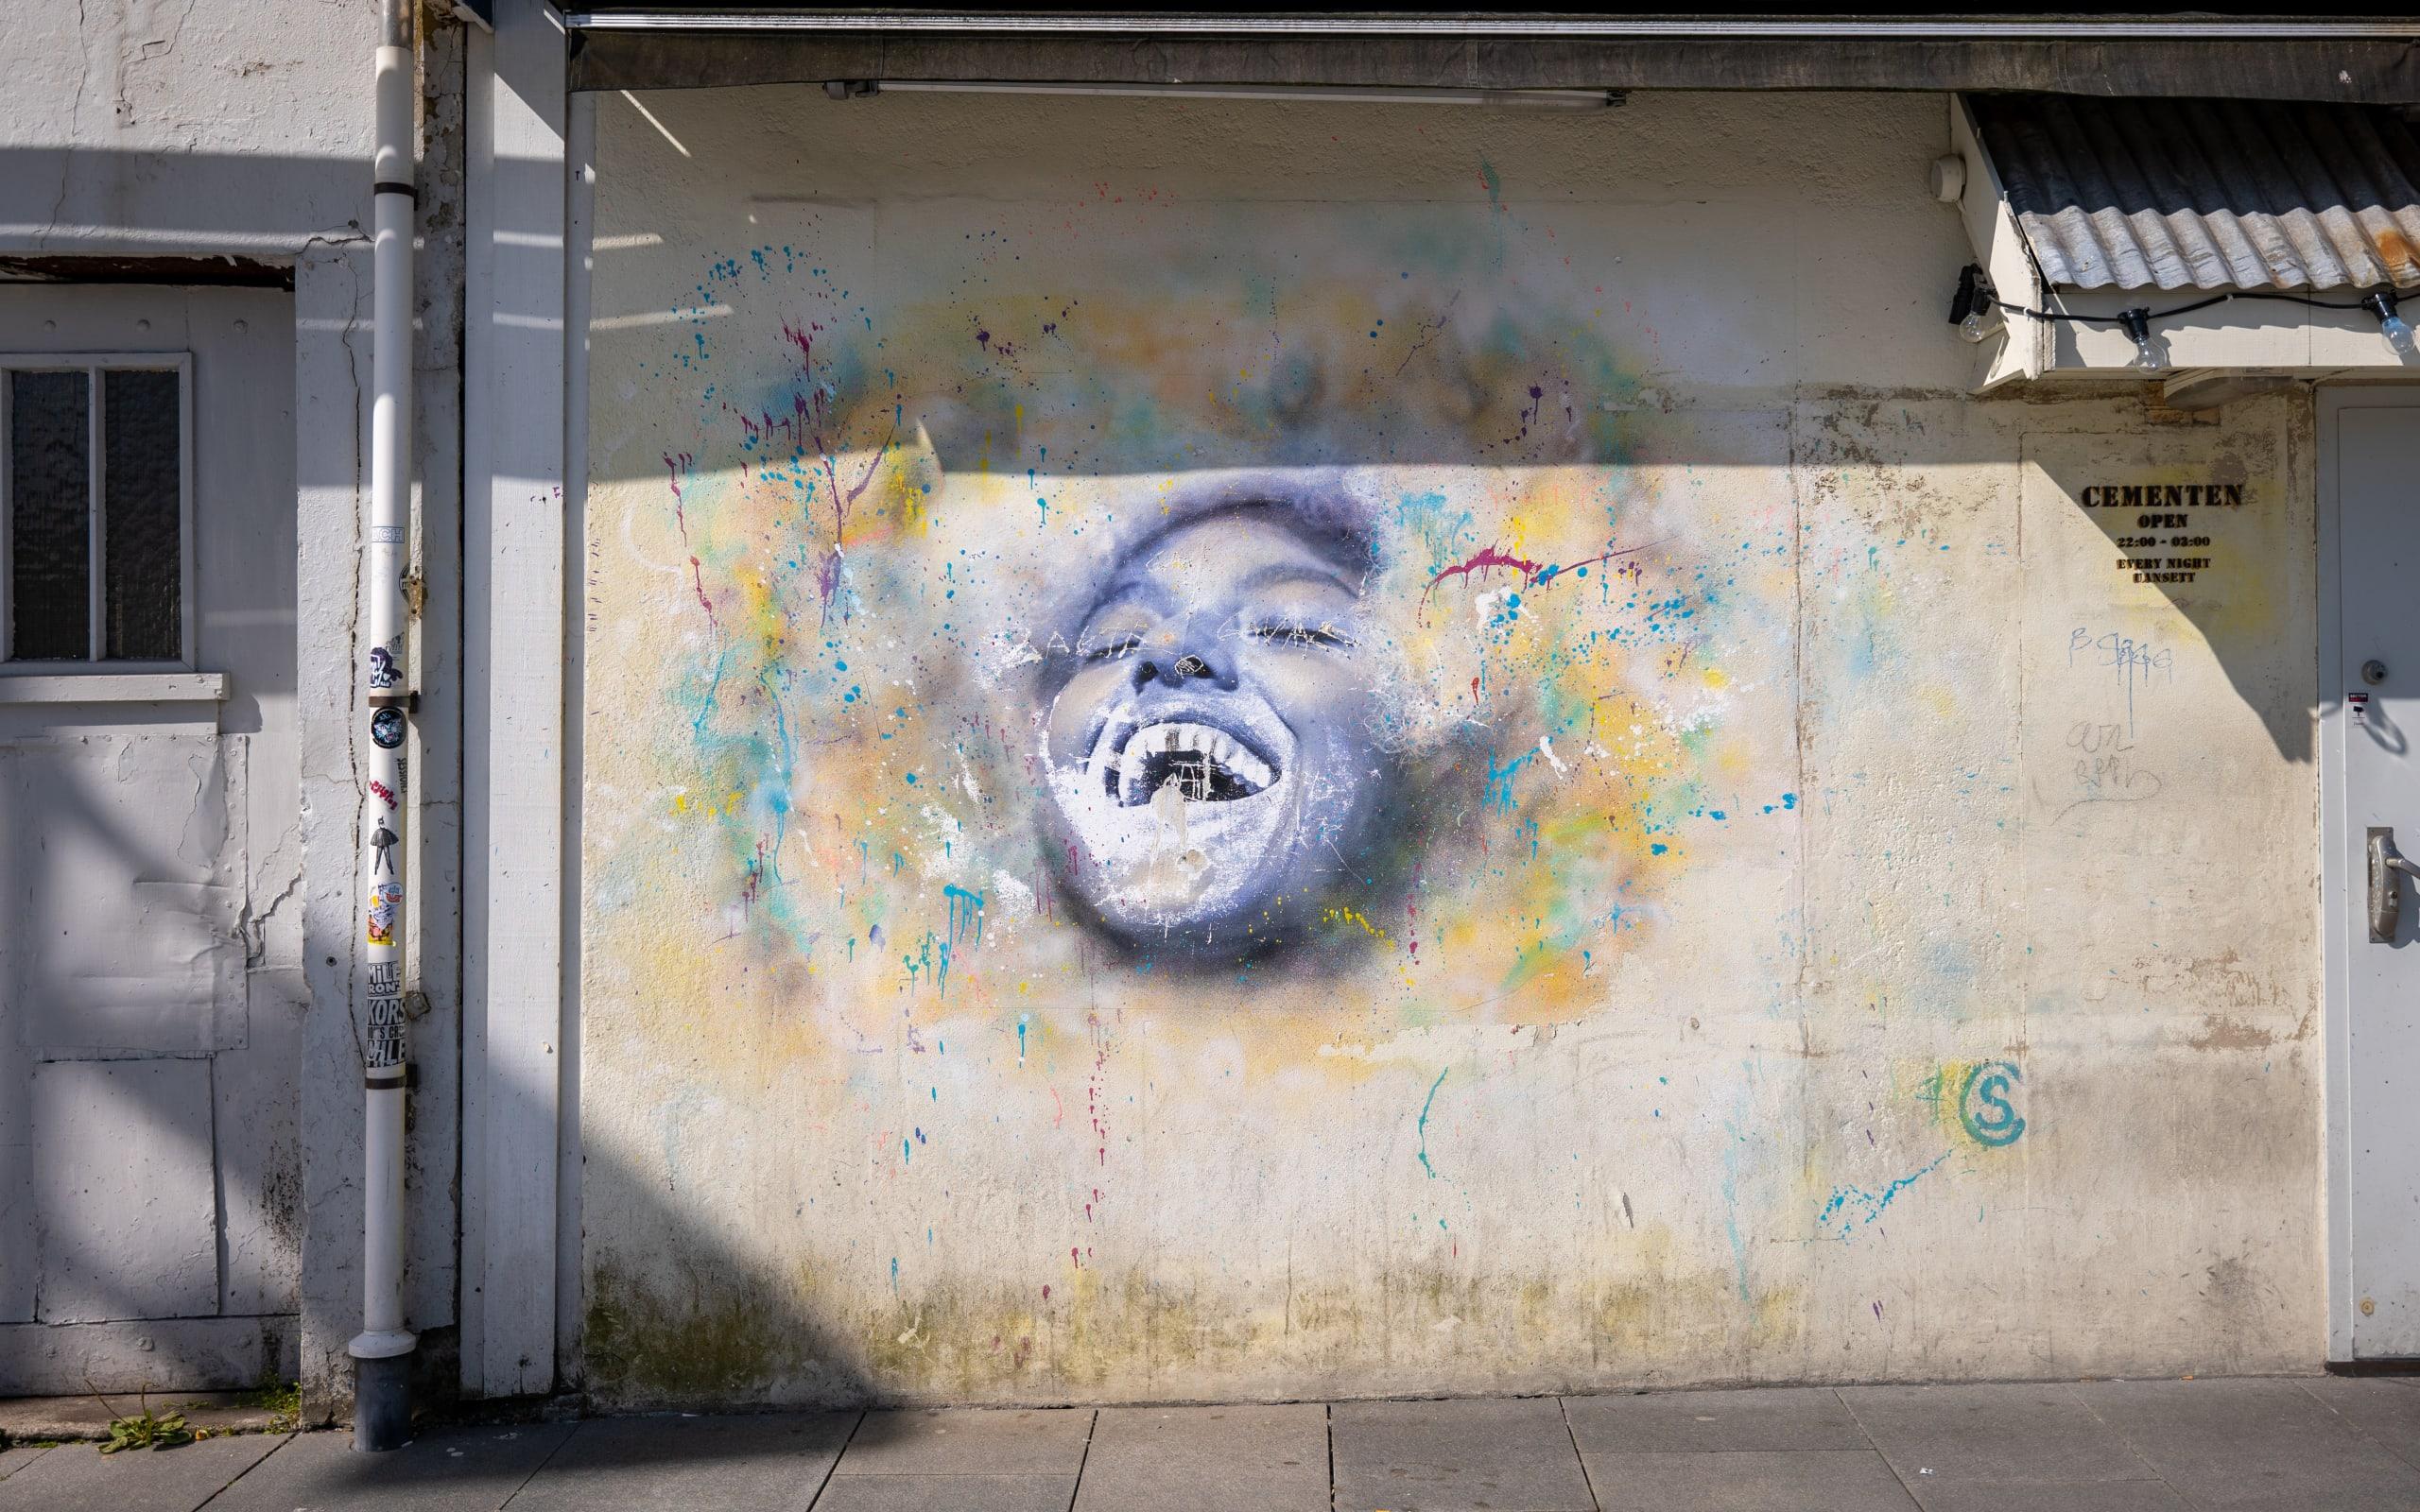 Street art in the city of Stavanger